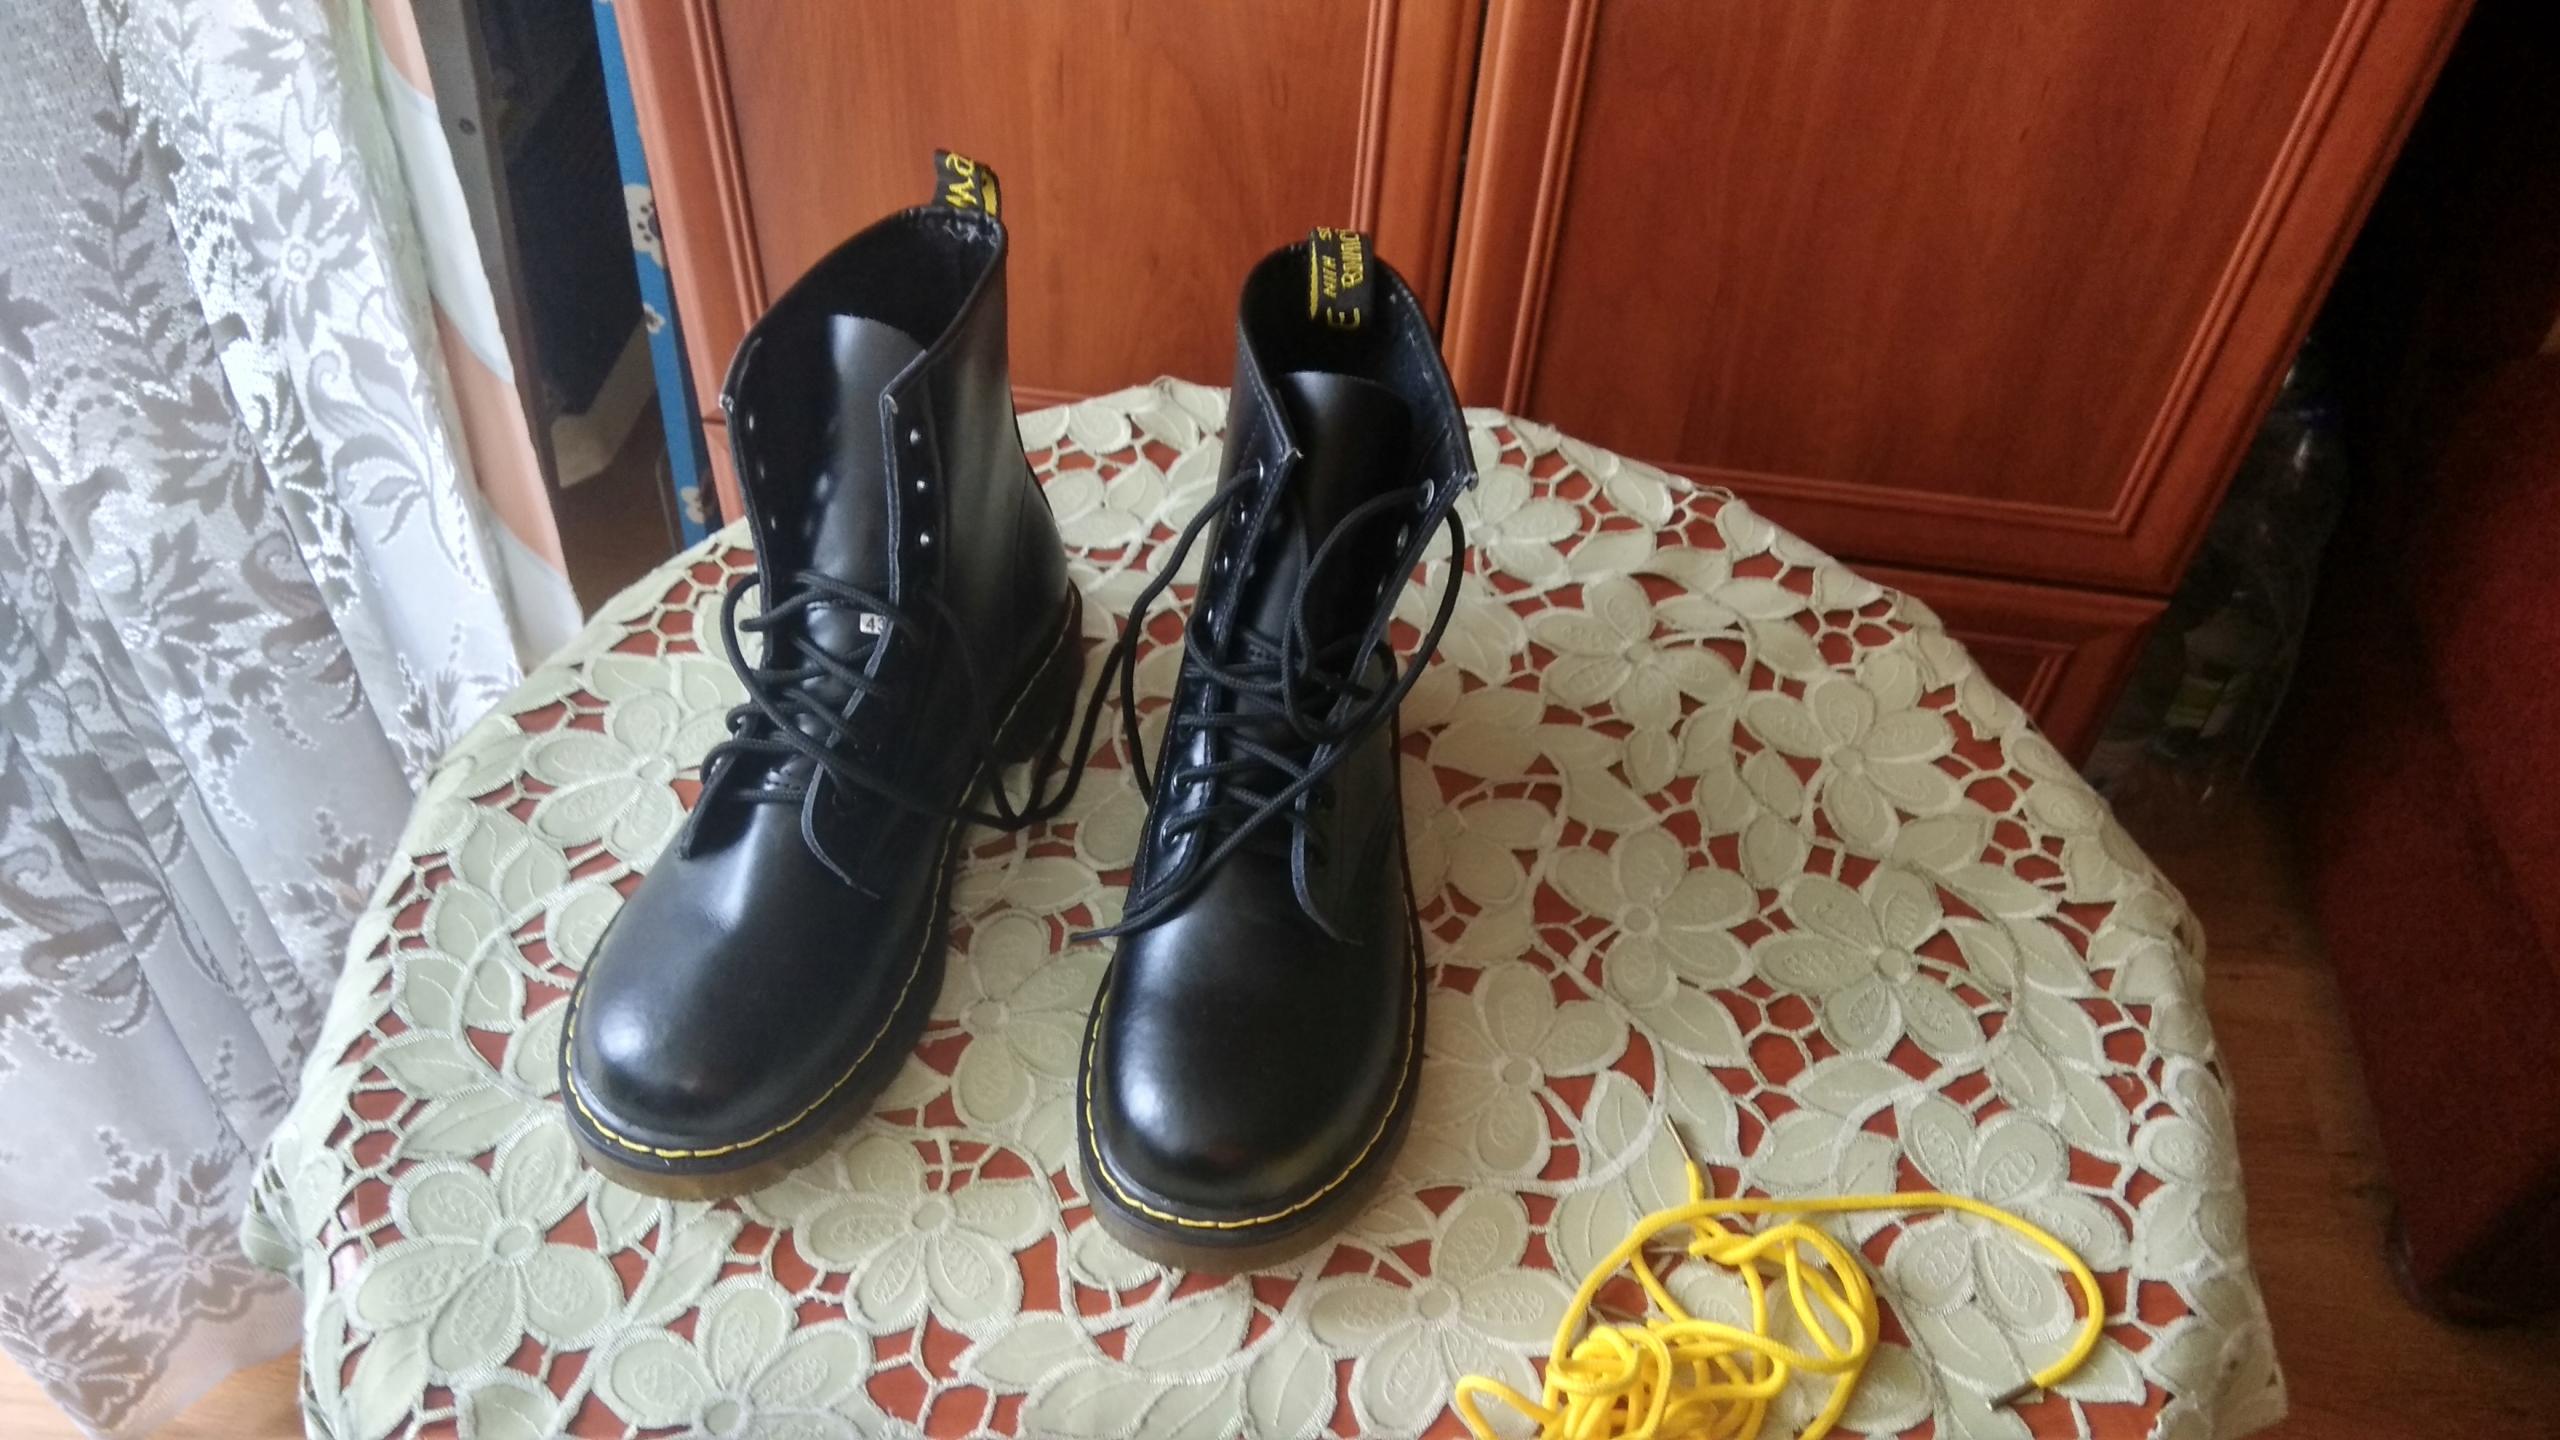 bfb99190d4cf2 buty glany rozmiar 43 czarne męskie damskie unisex - 7860617039 ...